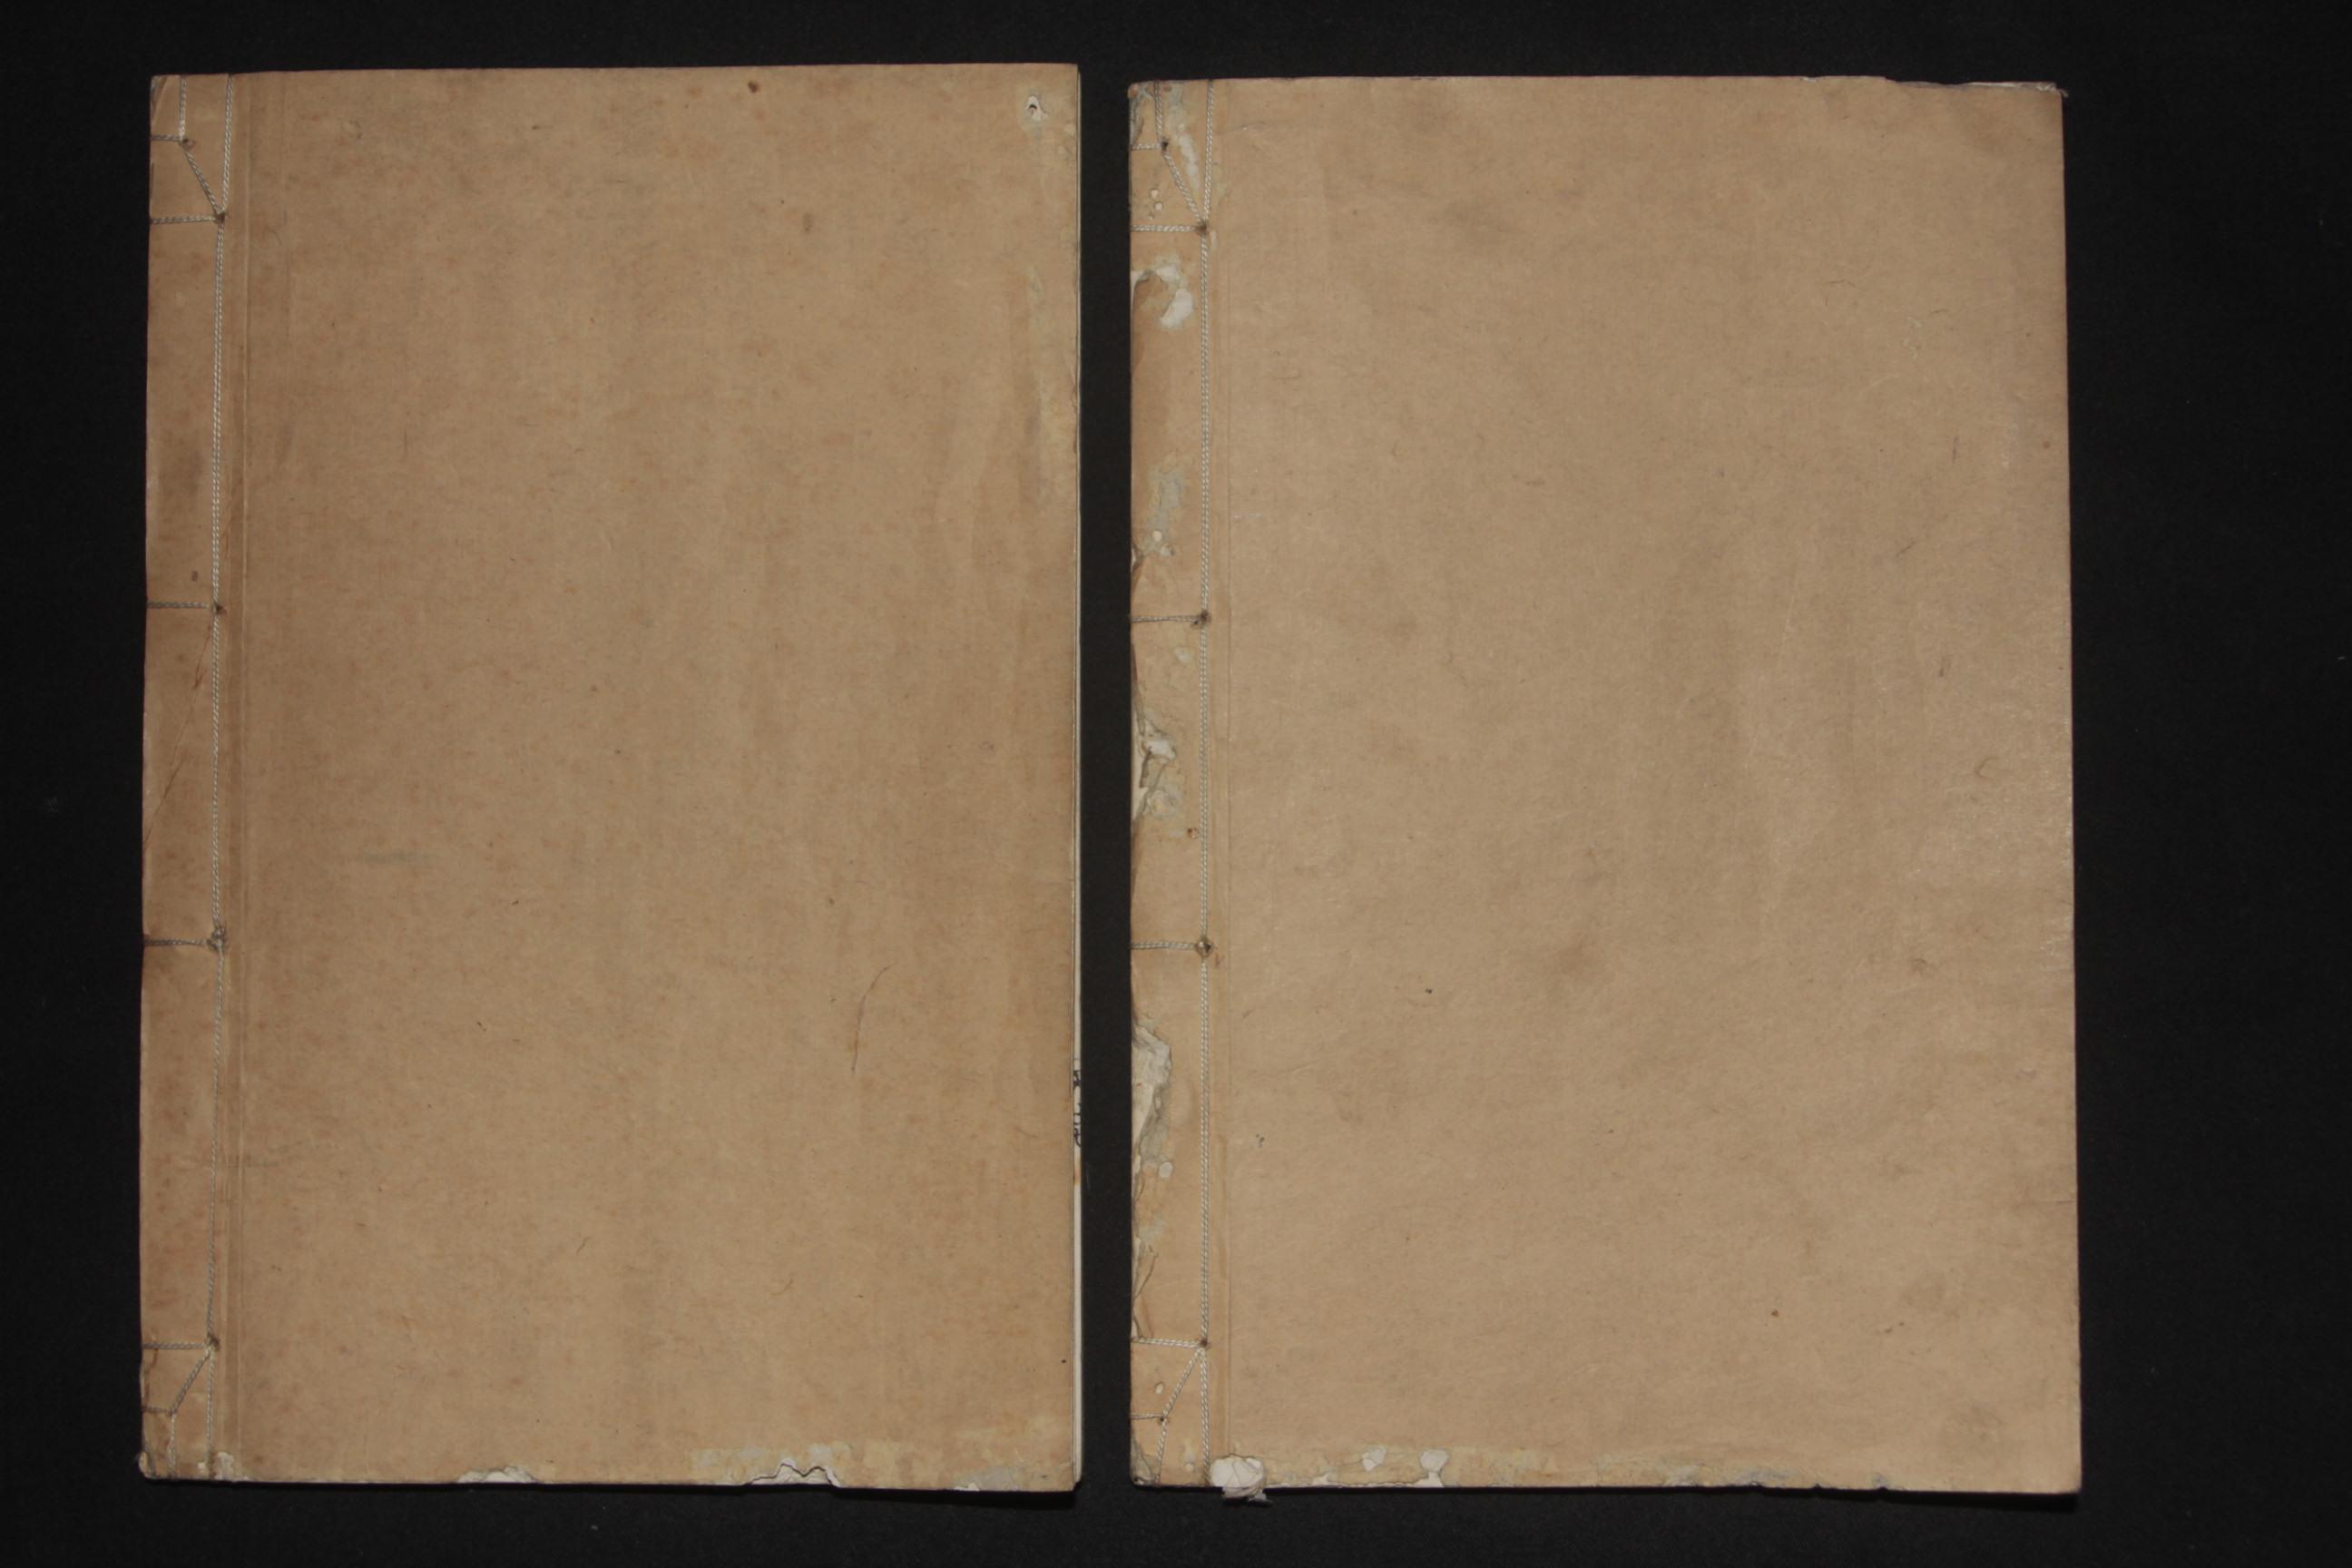 纫斋画胜(韧斋画胜)天地二卷二册一函全 白纸钤印木版画谱 光绪丙子牌